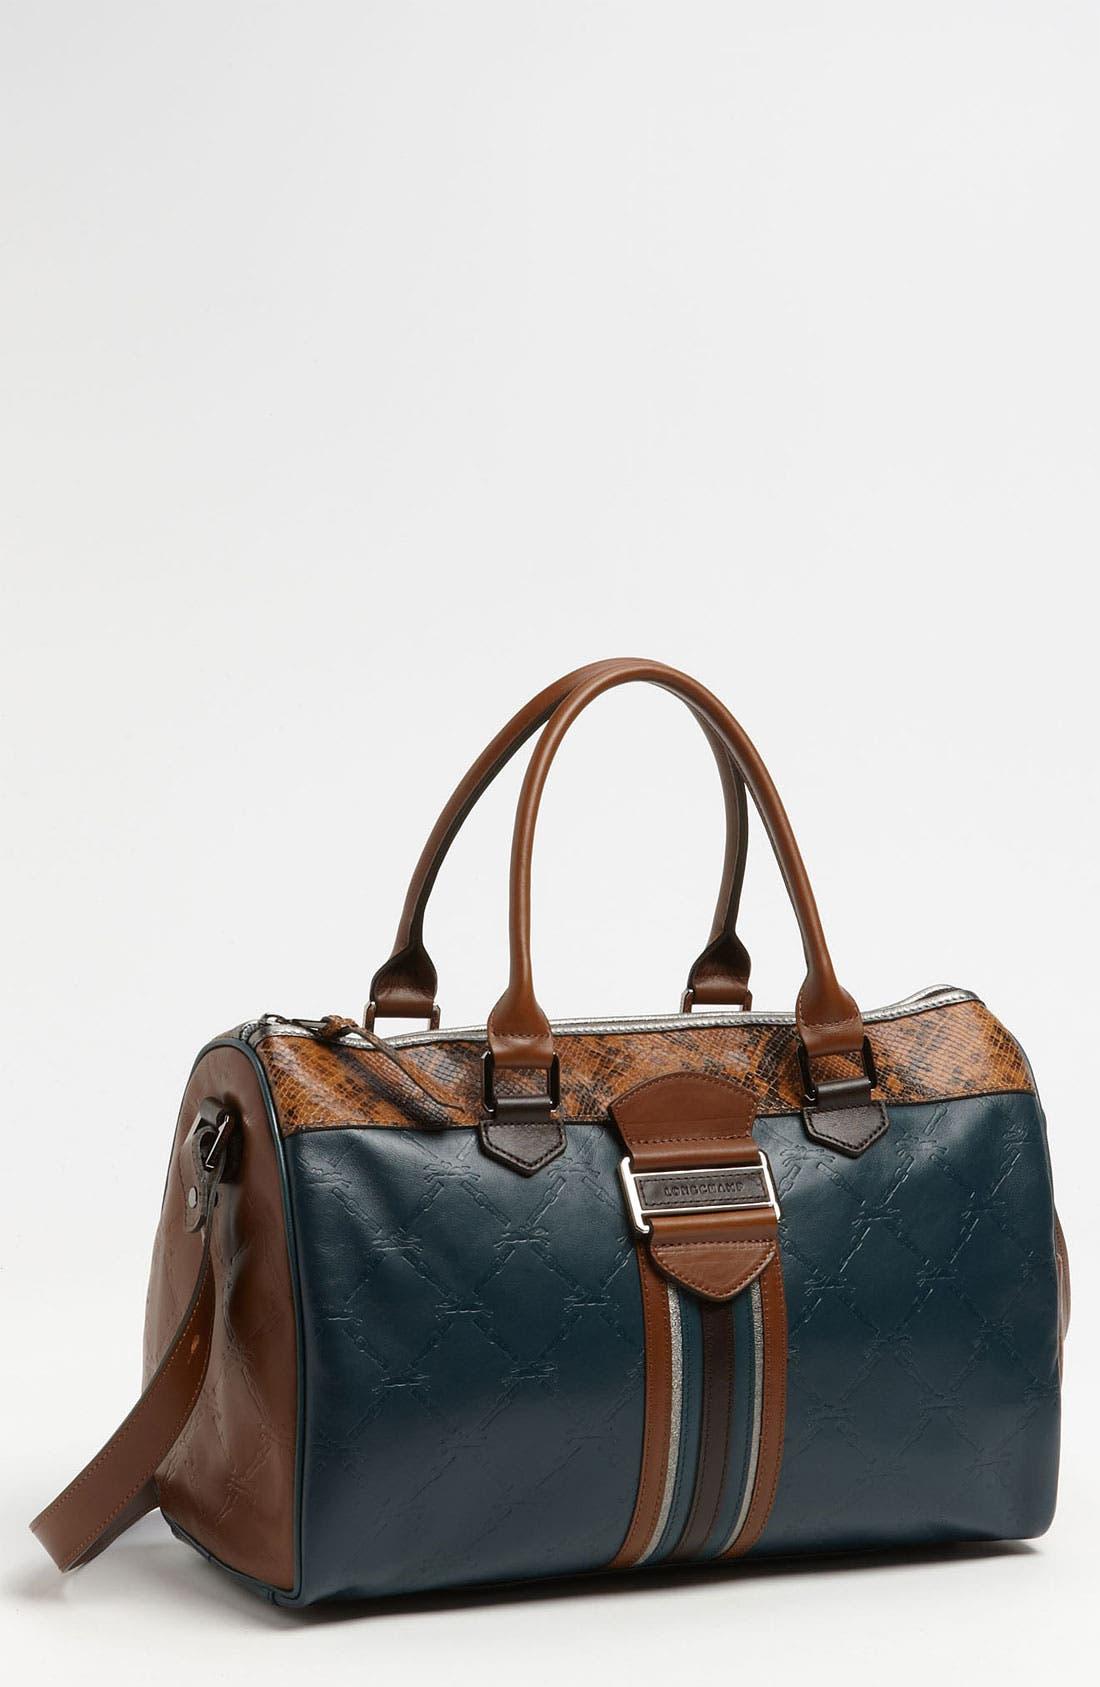 Main Image - Longchamp 'LM Patch - Large' Duffel